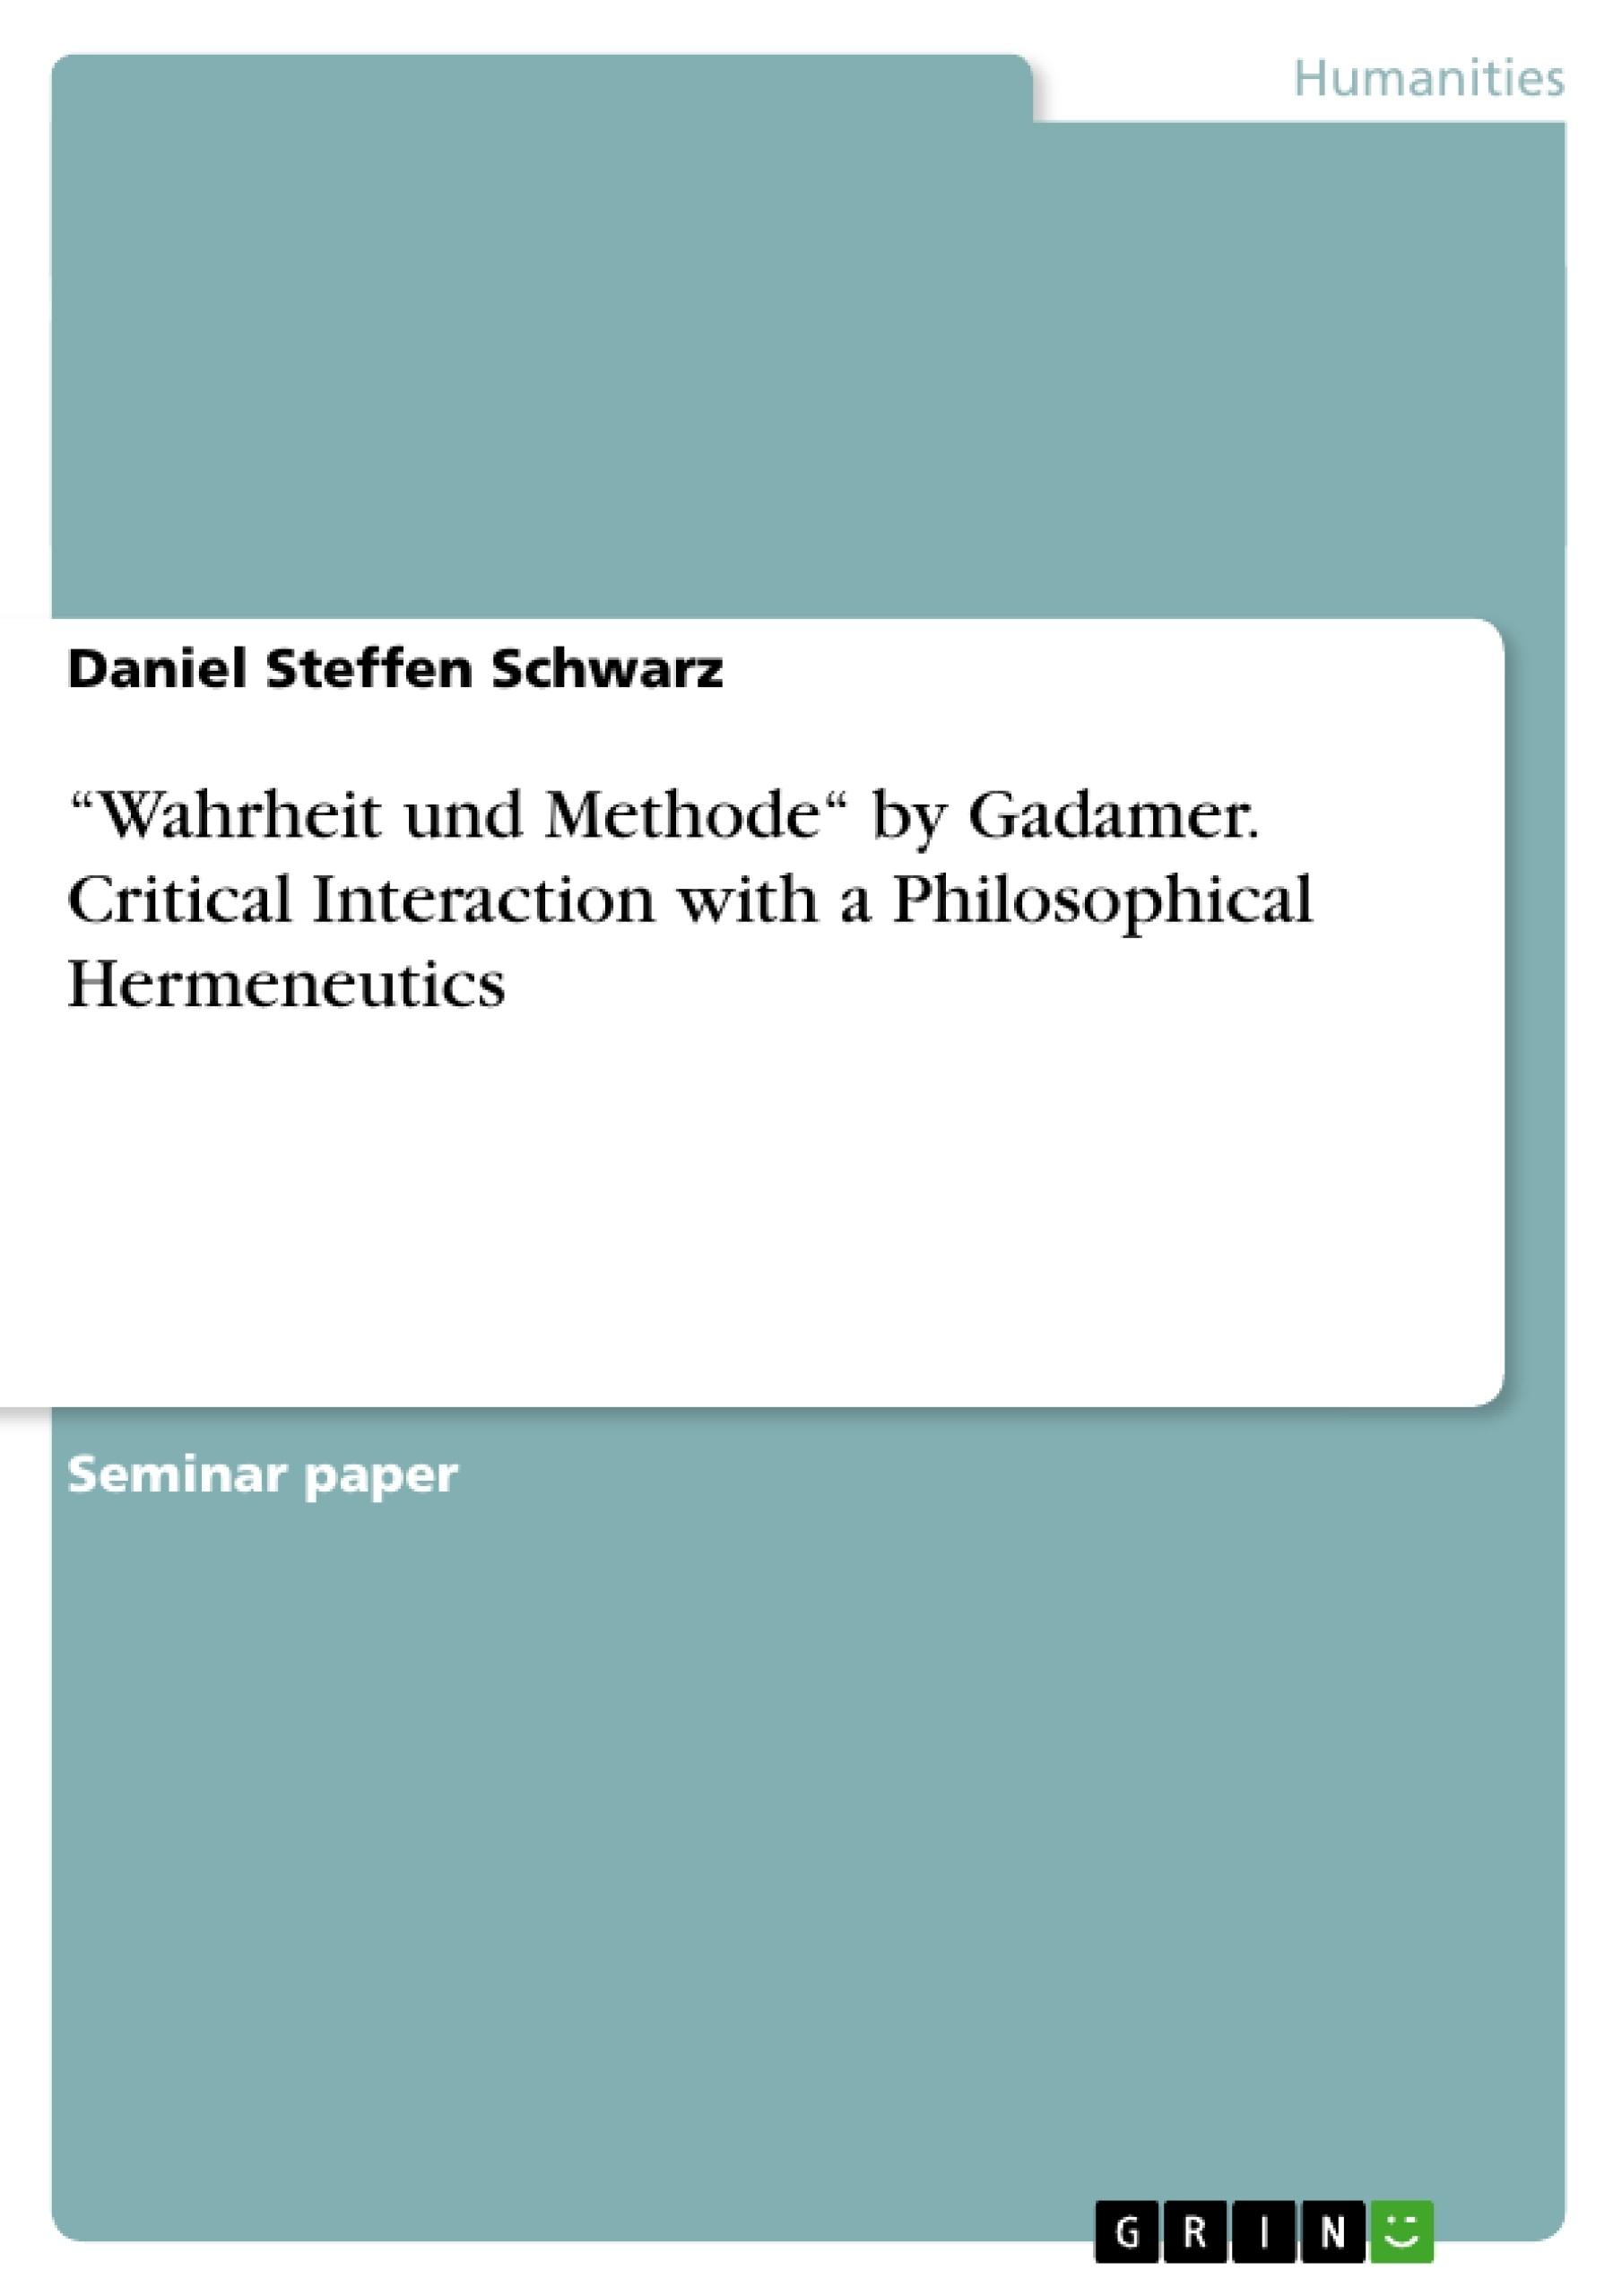 """Title: """"Wahrheit und Methode"""" by Gadamer. Critical Interaction with a Philosophical Hermeneutics"""